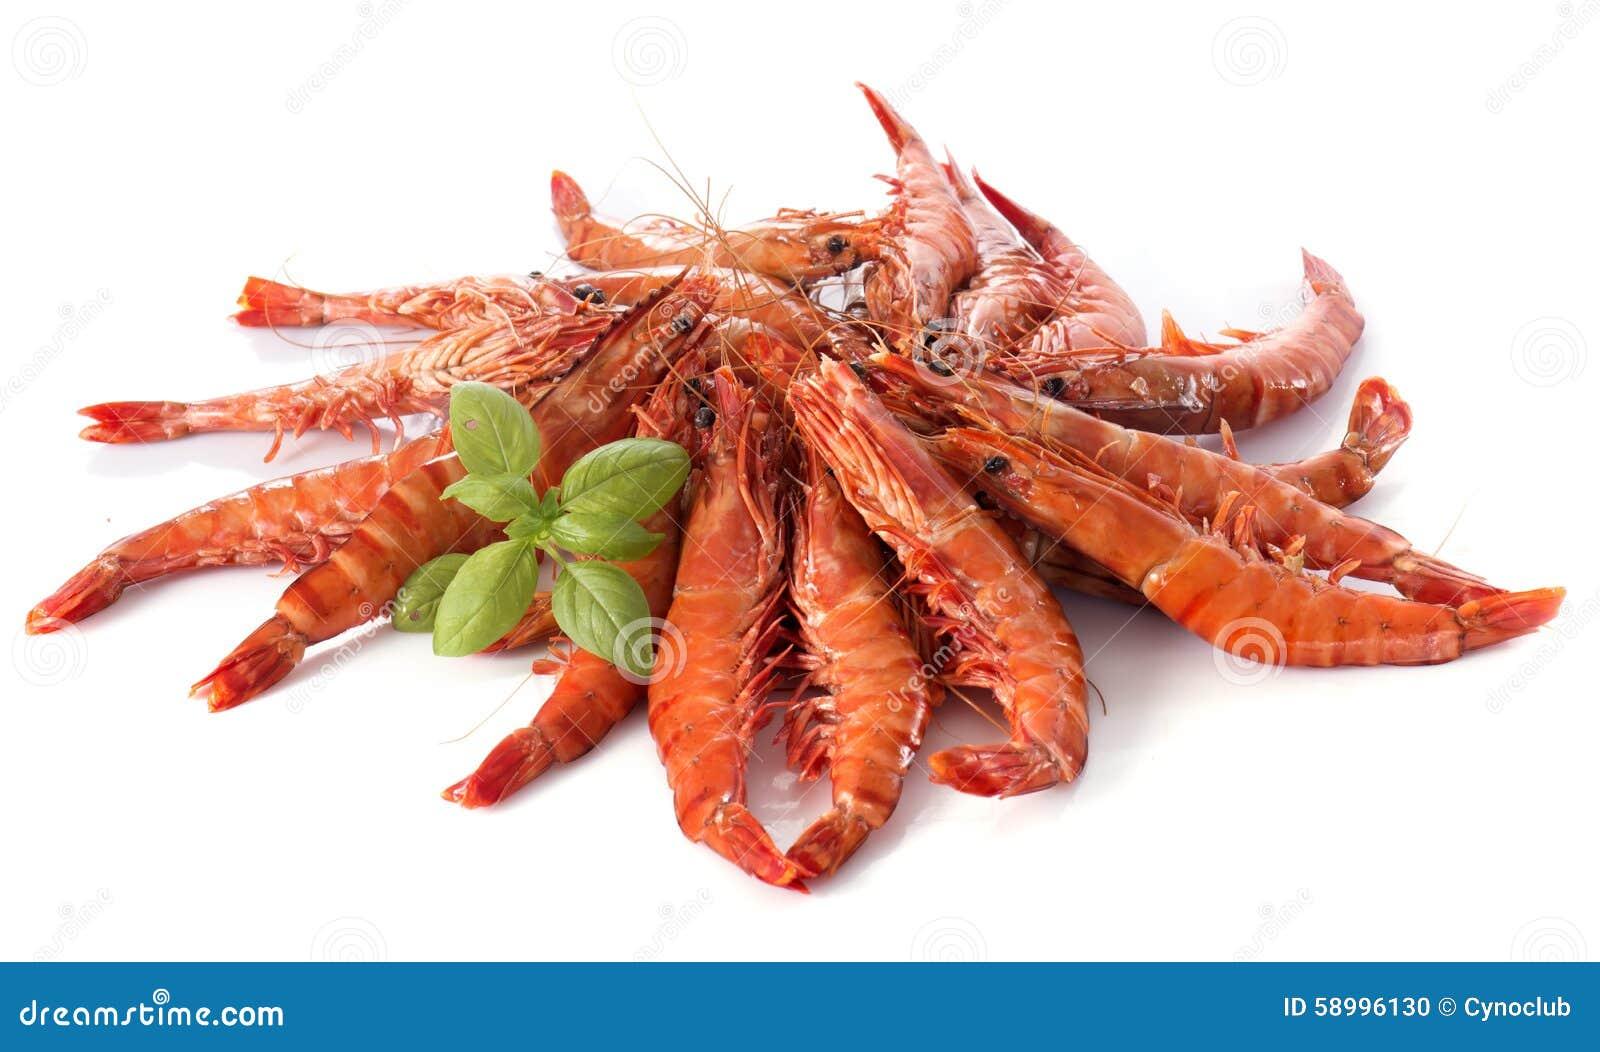 Drunken Shrimp Stock Photo - Image: 58996130